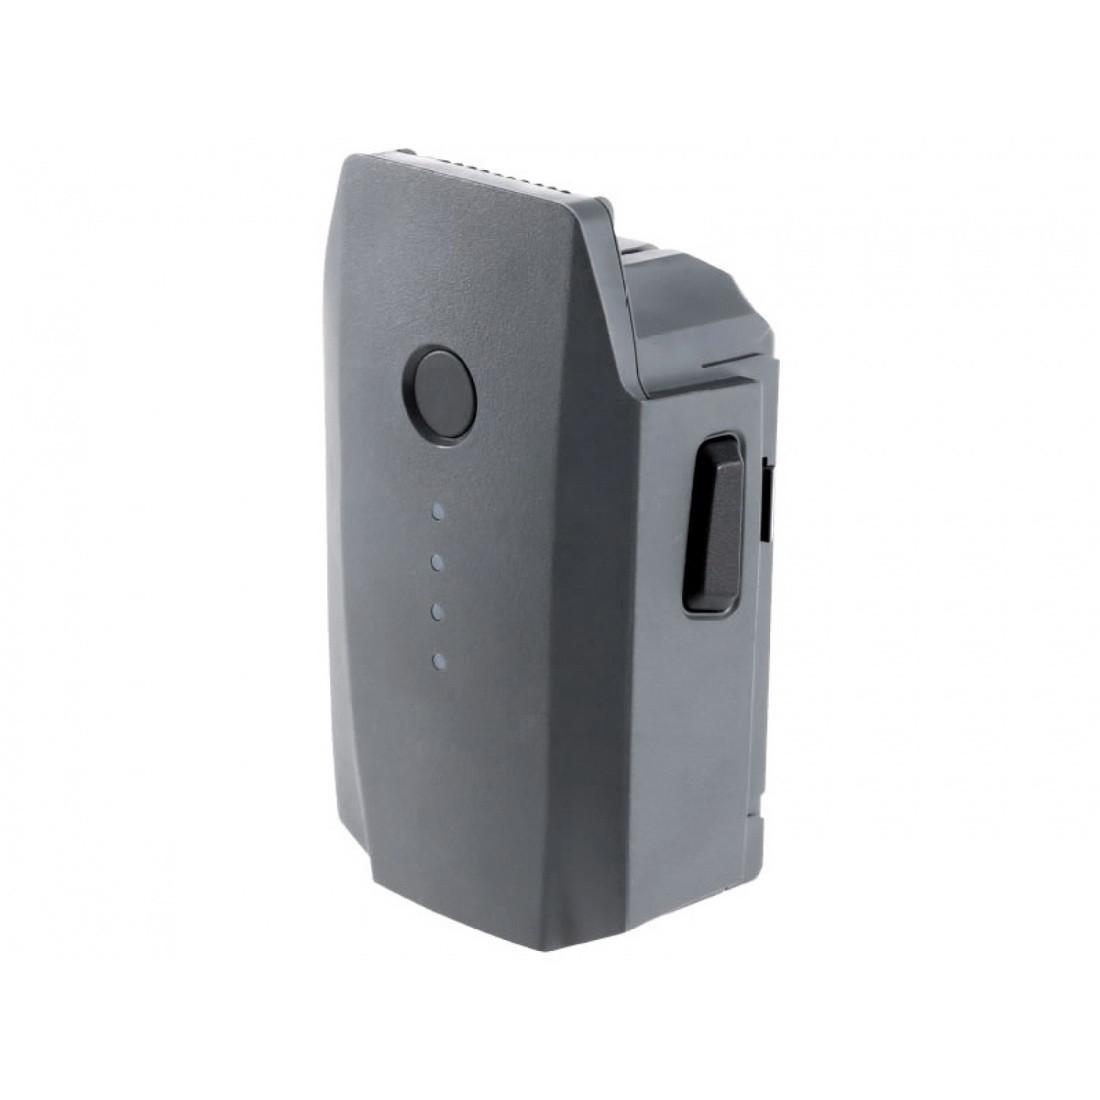 Заказать аккумуляторная батарея mavic pro защита джостиков пульта спарк комбо собственными силами